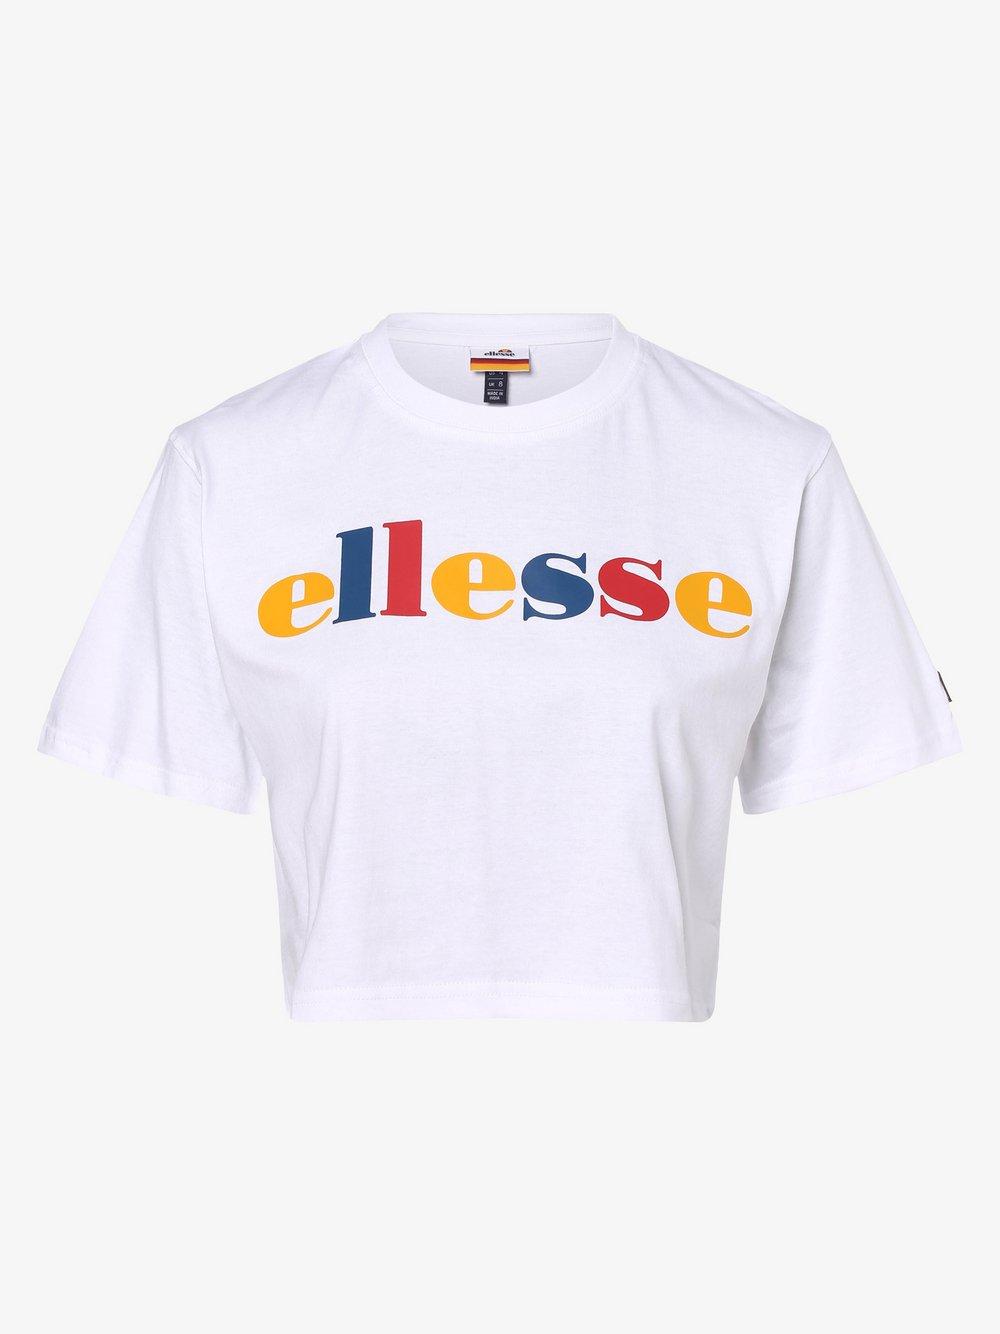 ellesse - T-shirt damski – Ralia, biały